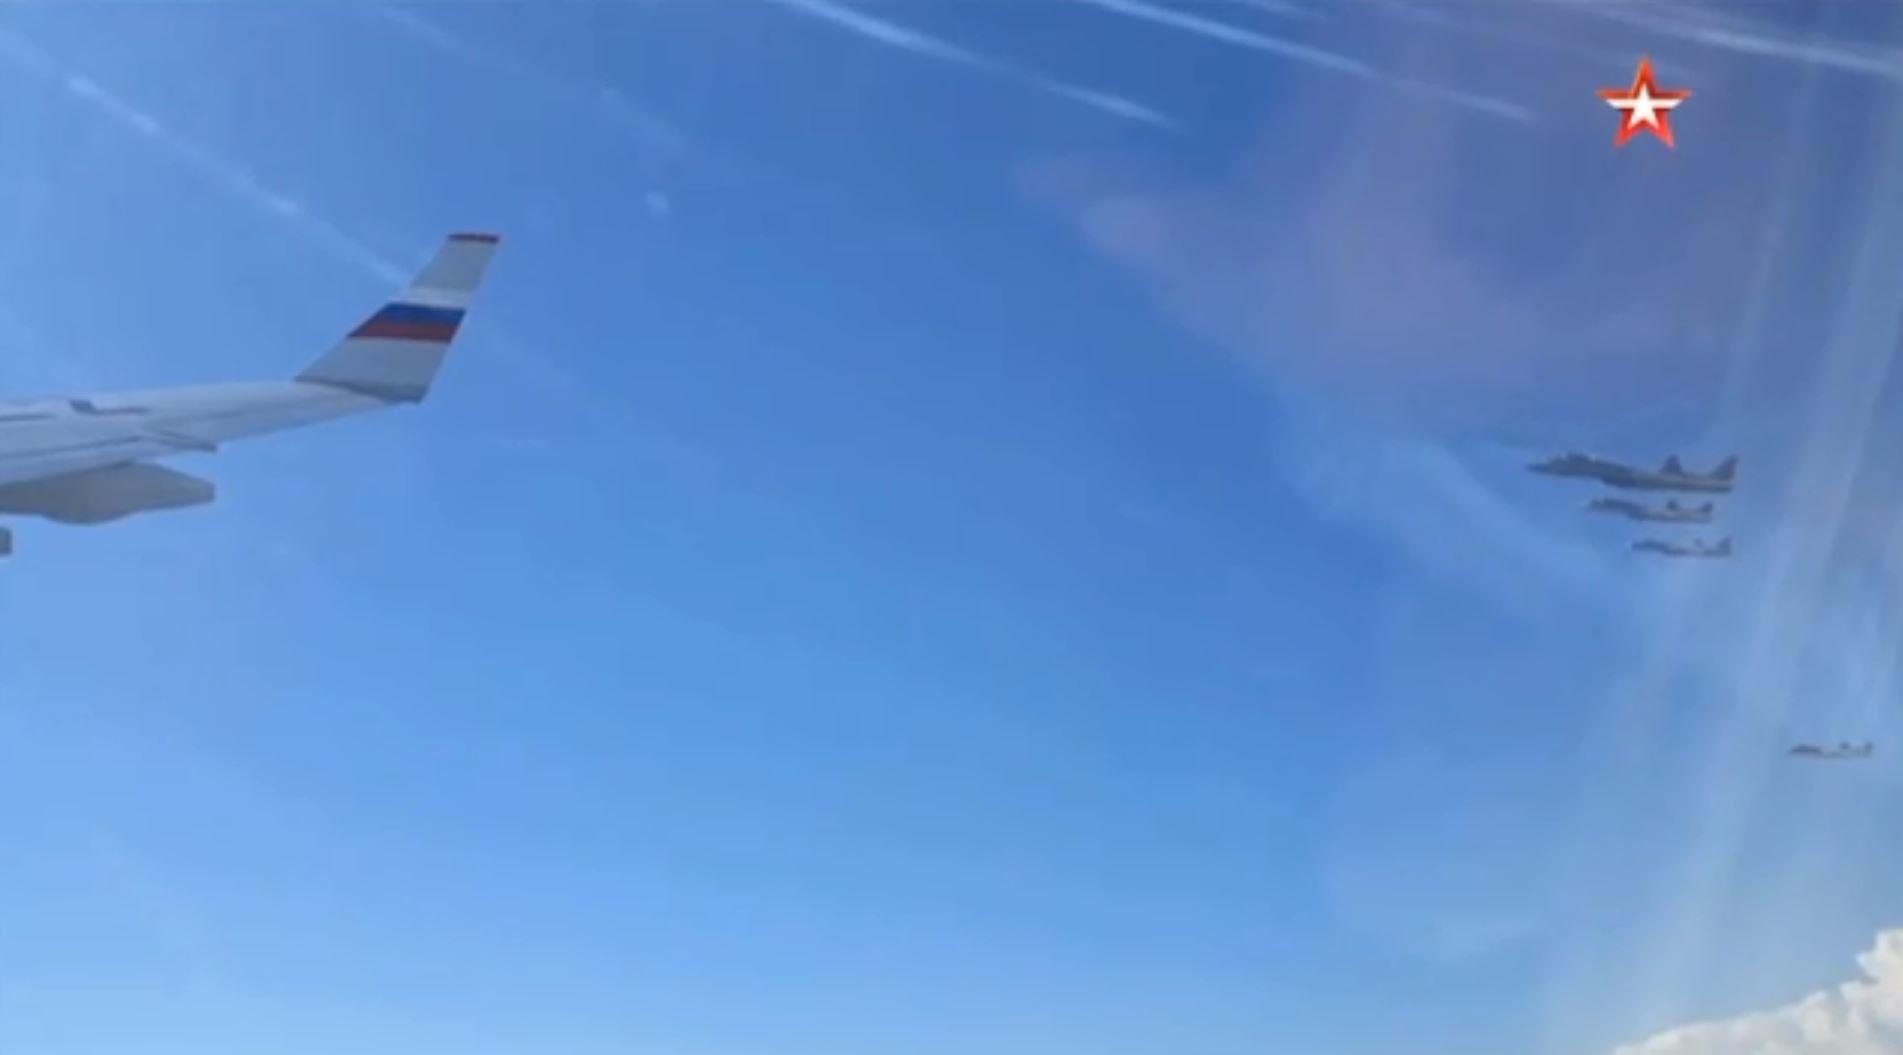 بالفيديو.. 6 مقاتلات شبح ترافق طائرة الرئيس الروسي بوتين